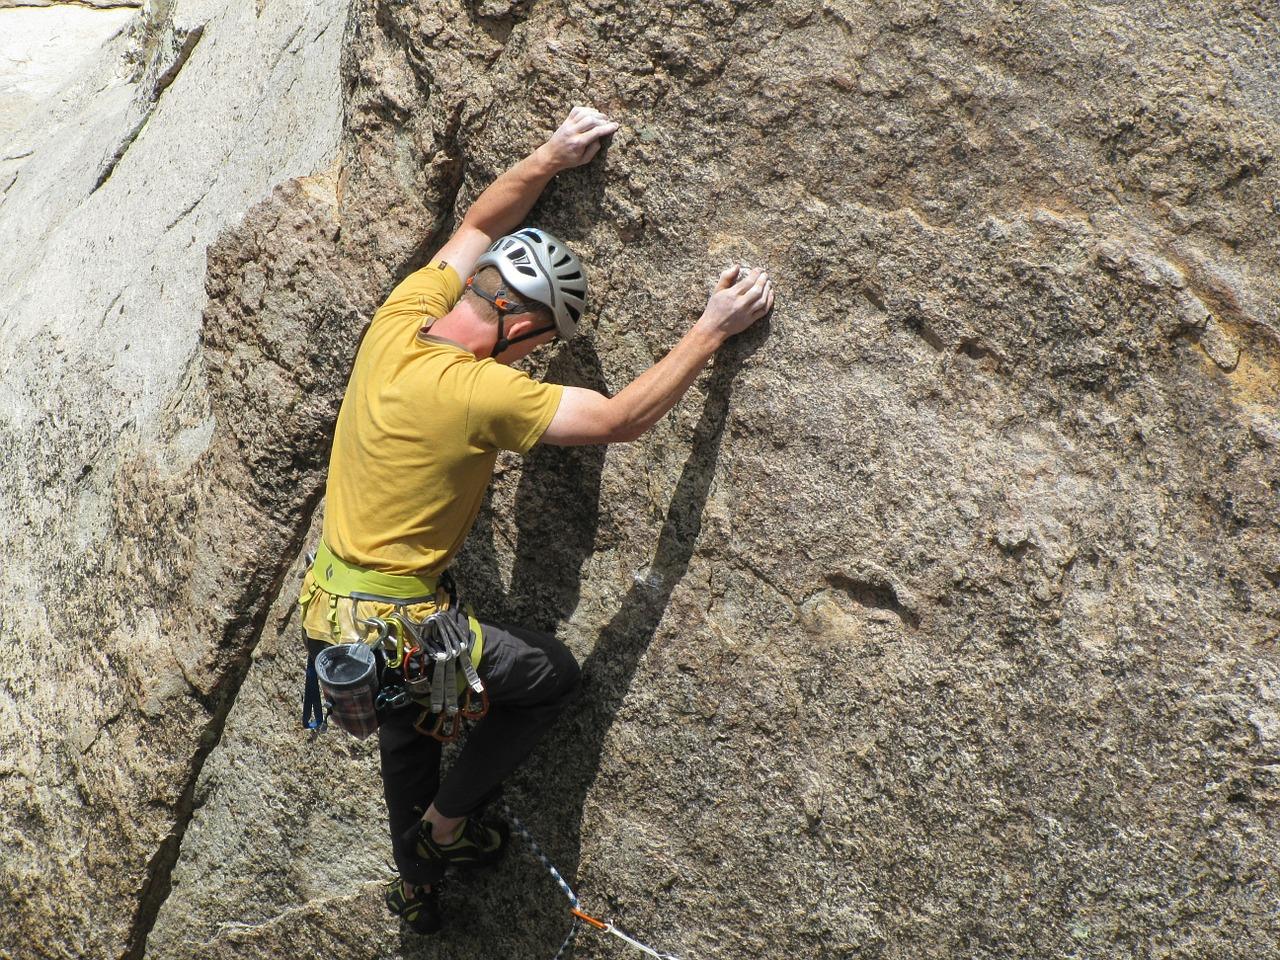 kalk til klatring